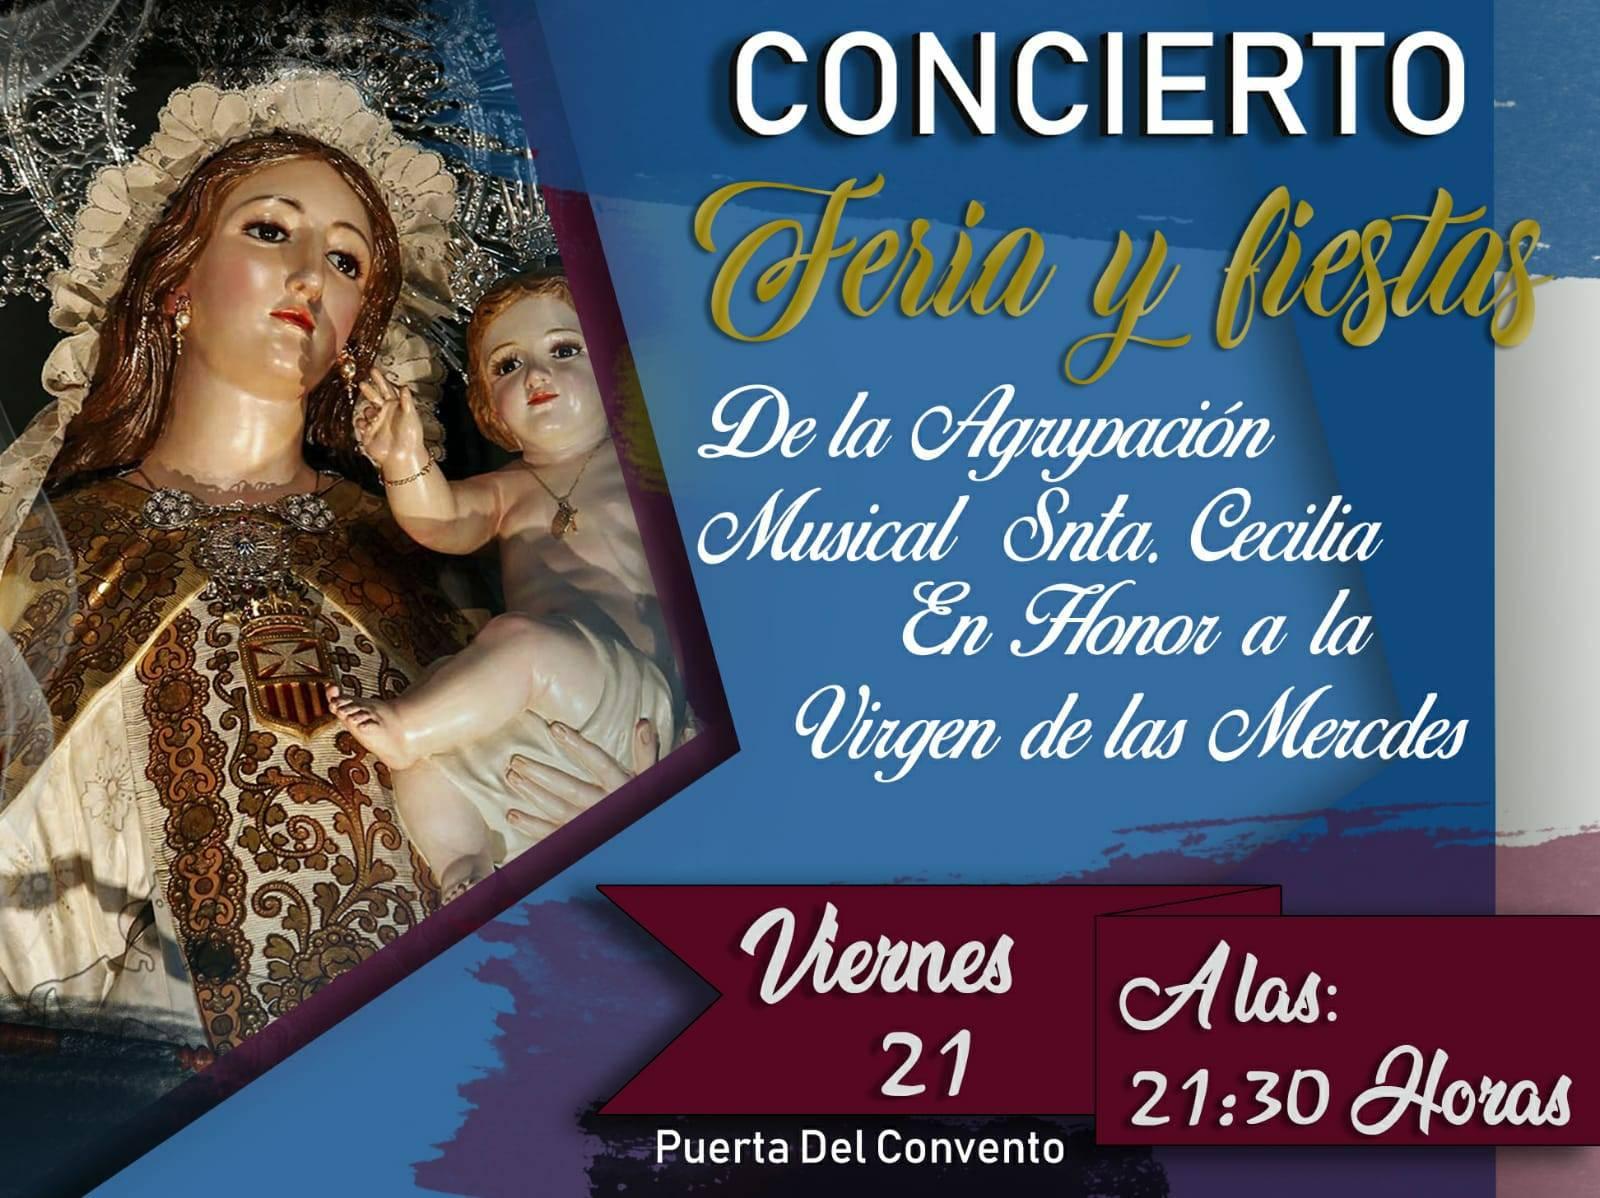 concierto de feria de la agrupaci%C3%B3n musical Santa Cecilia - Concierto de feria de la agrupación musical Santa Cecilia